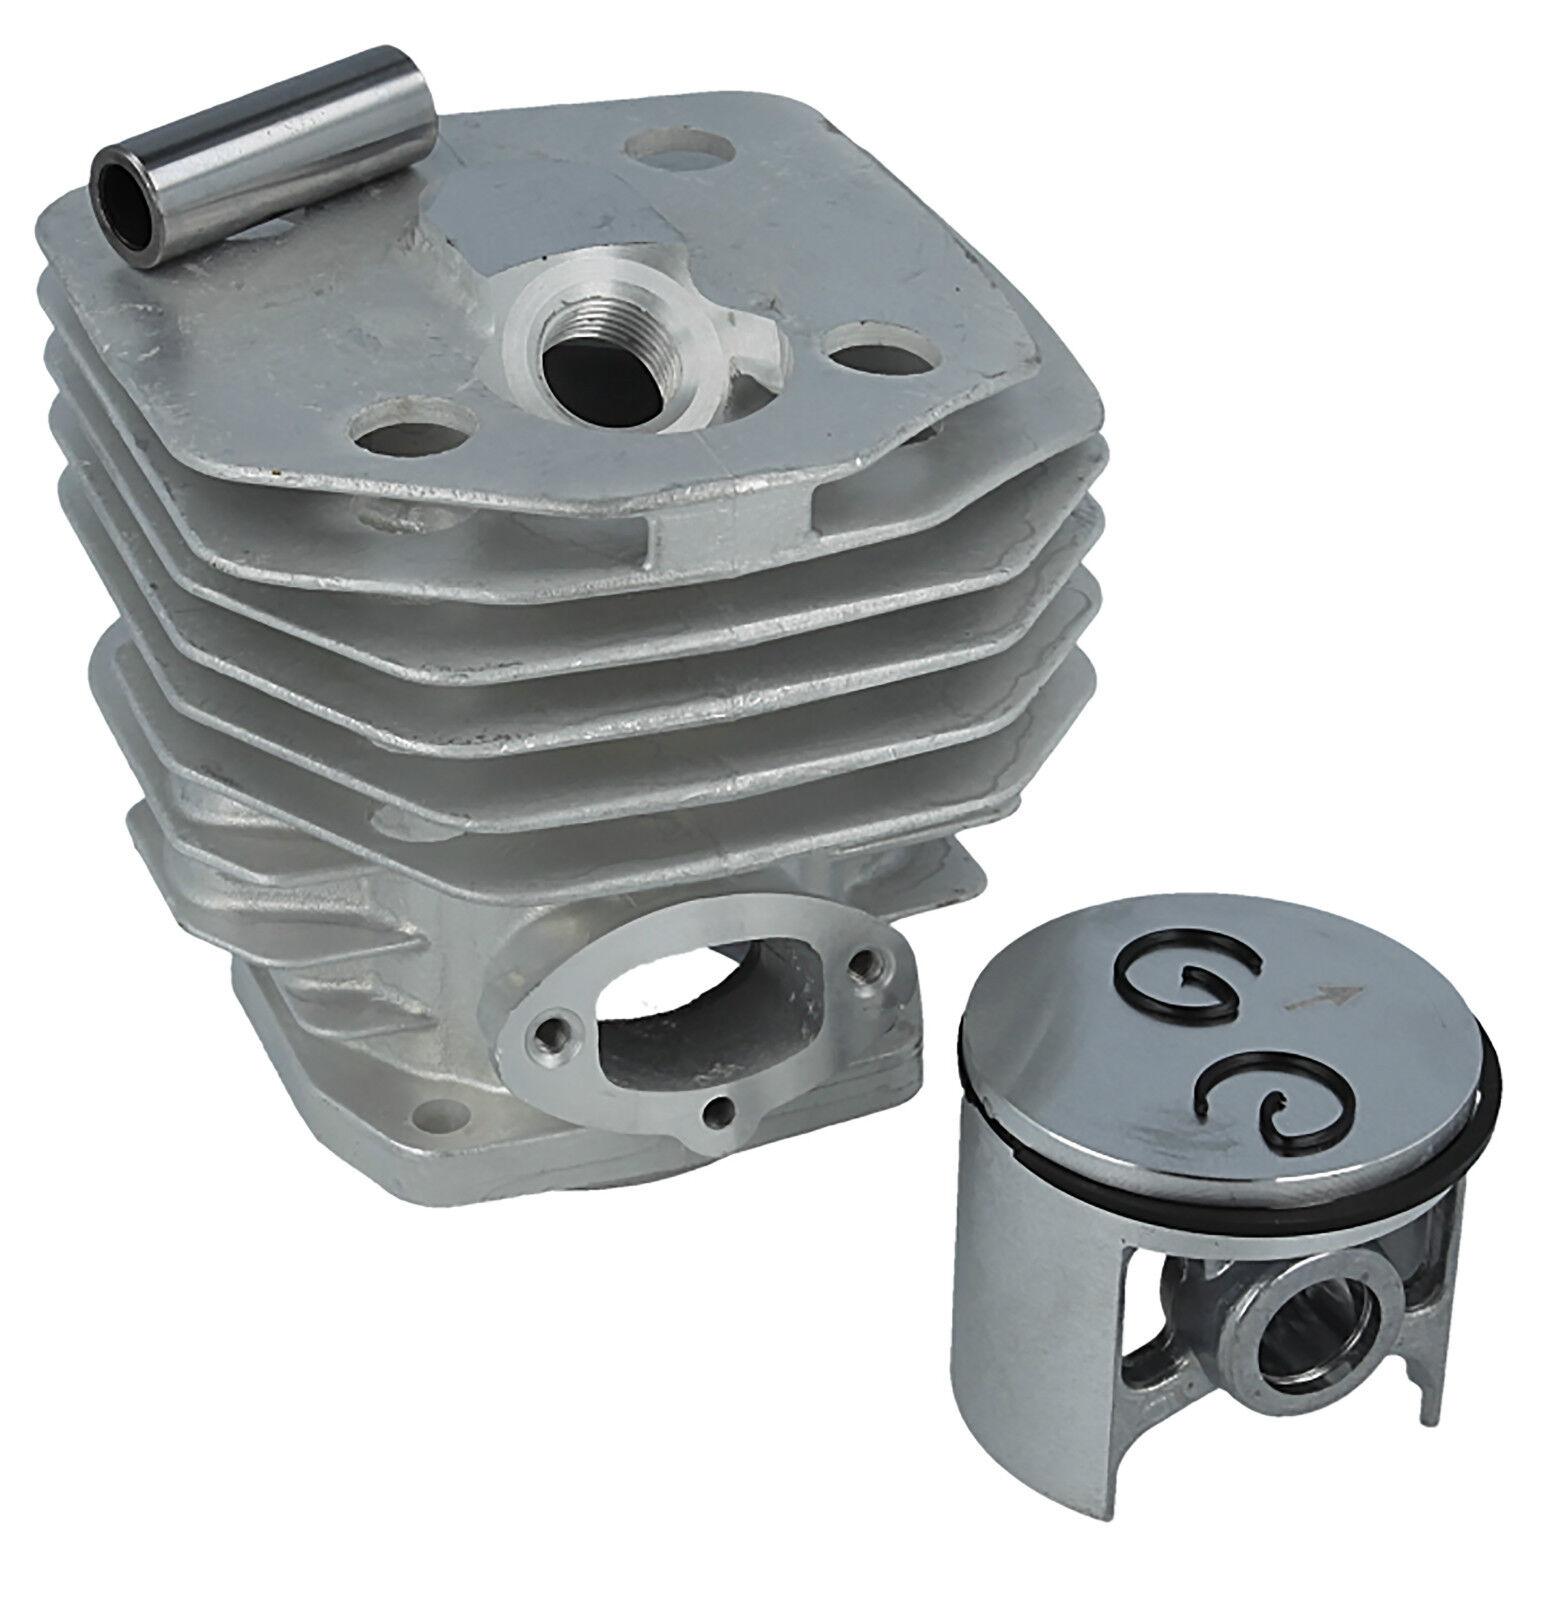 Zylinder & Kolben passend für Husqvarna 154 154xp 254 254XP 503 50 39 03